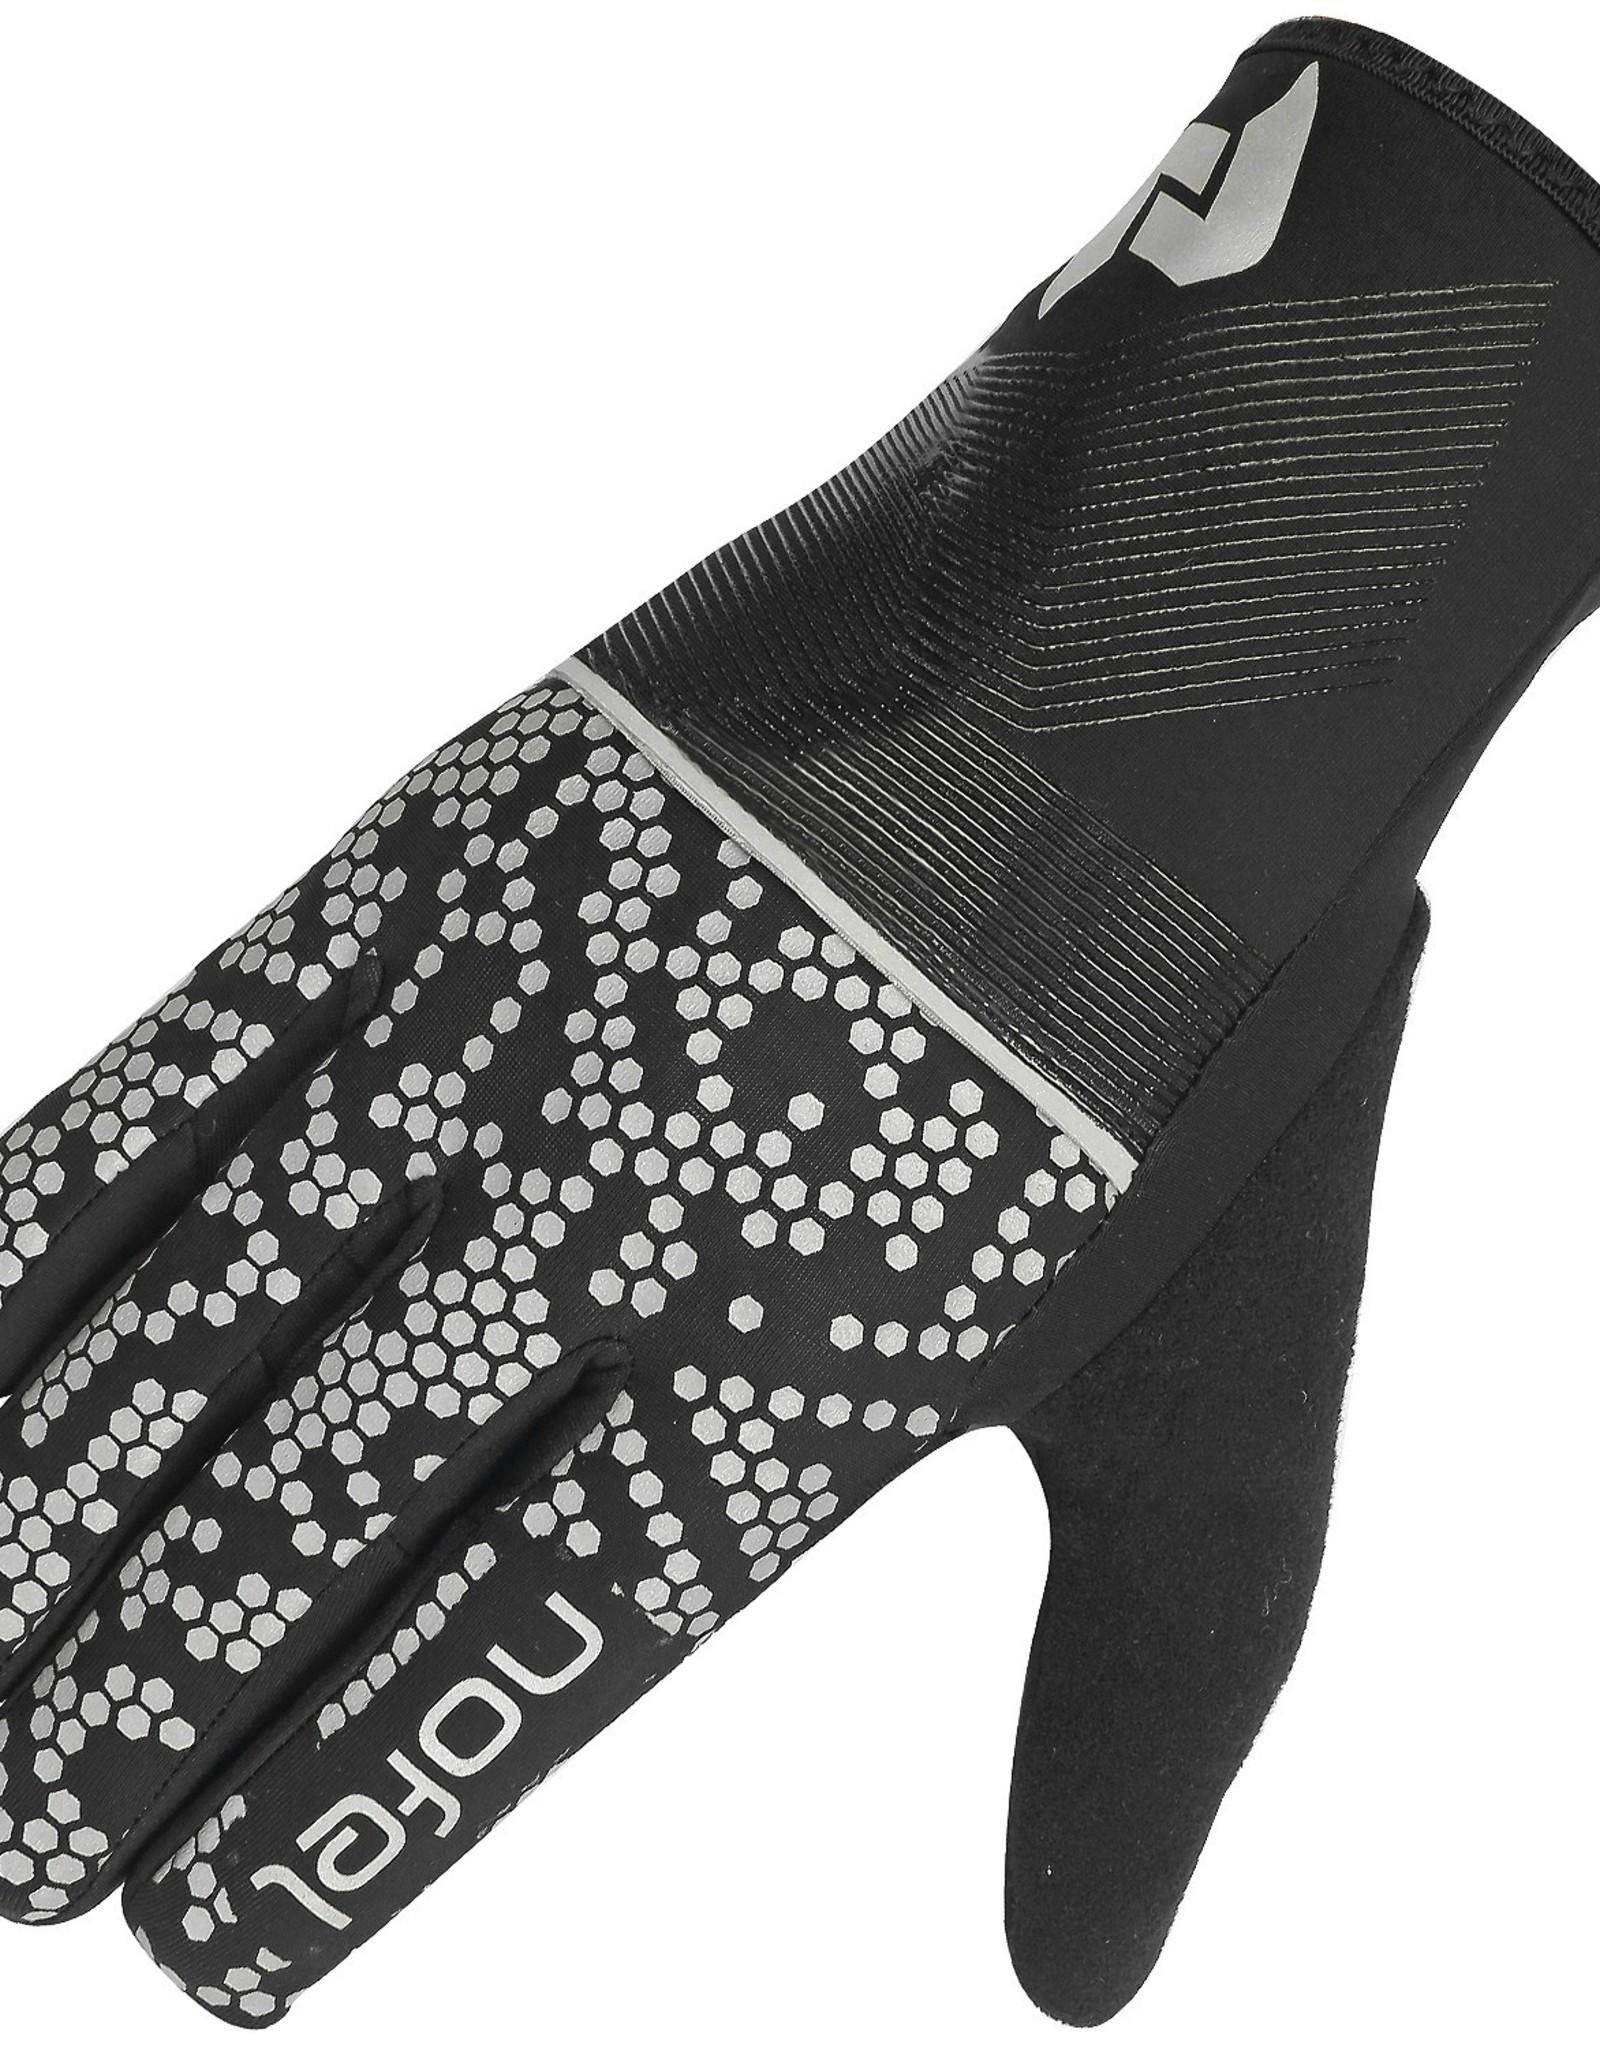 NOFEL Nofel Radiant Glove